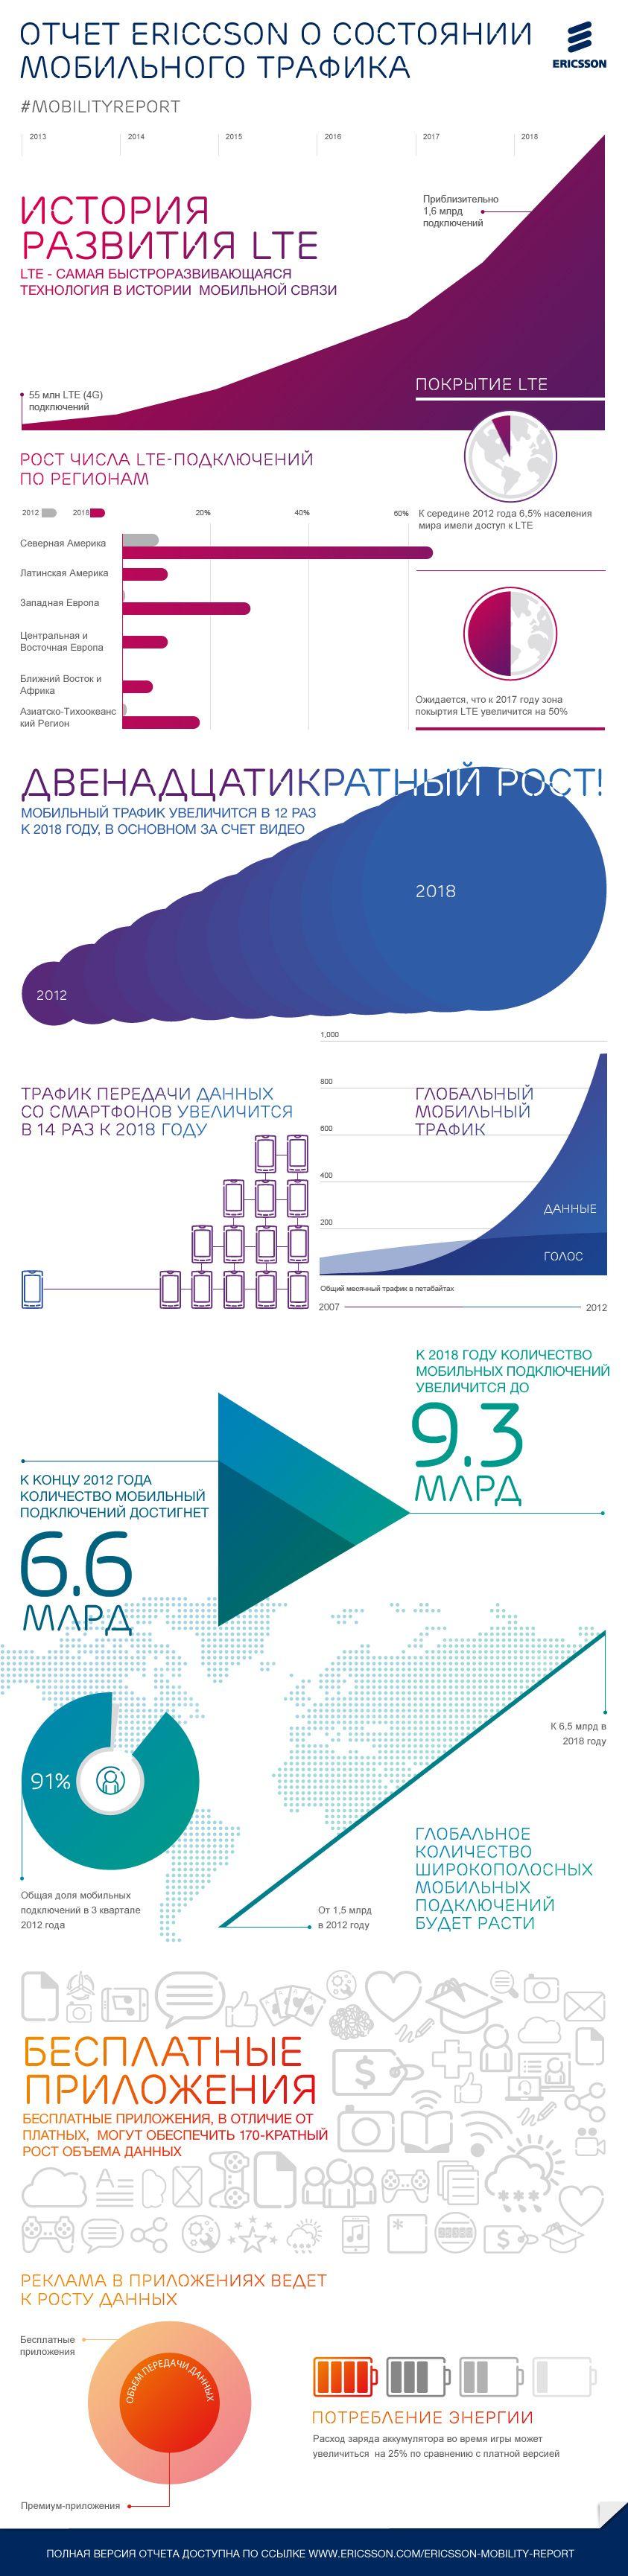 Инфографика: Состояние мобильного трафика в мире